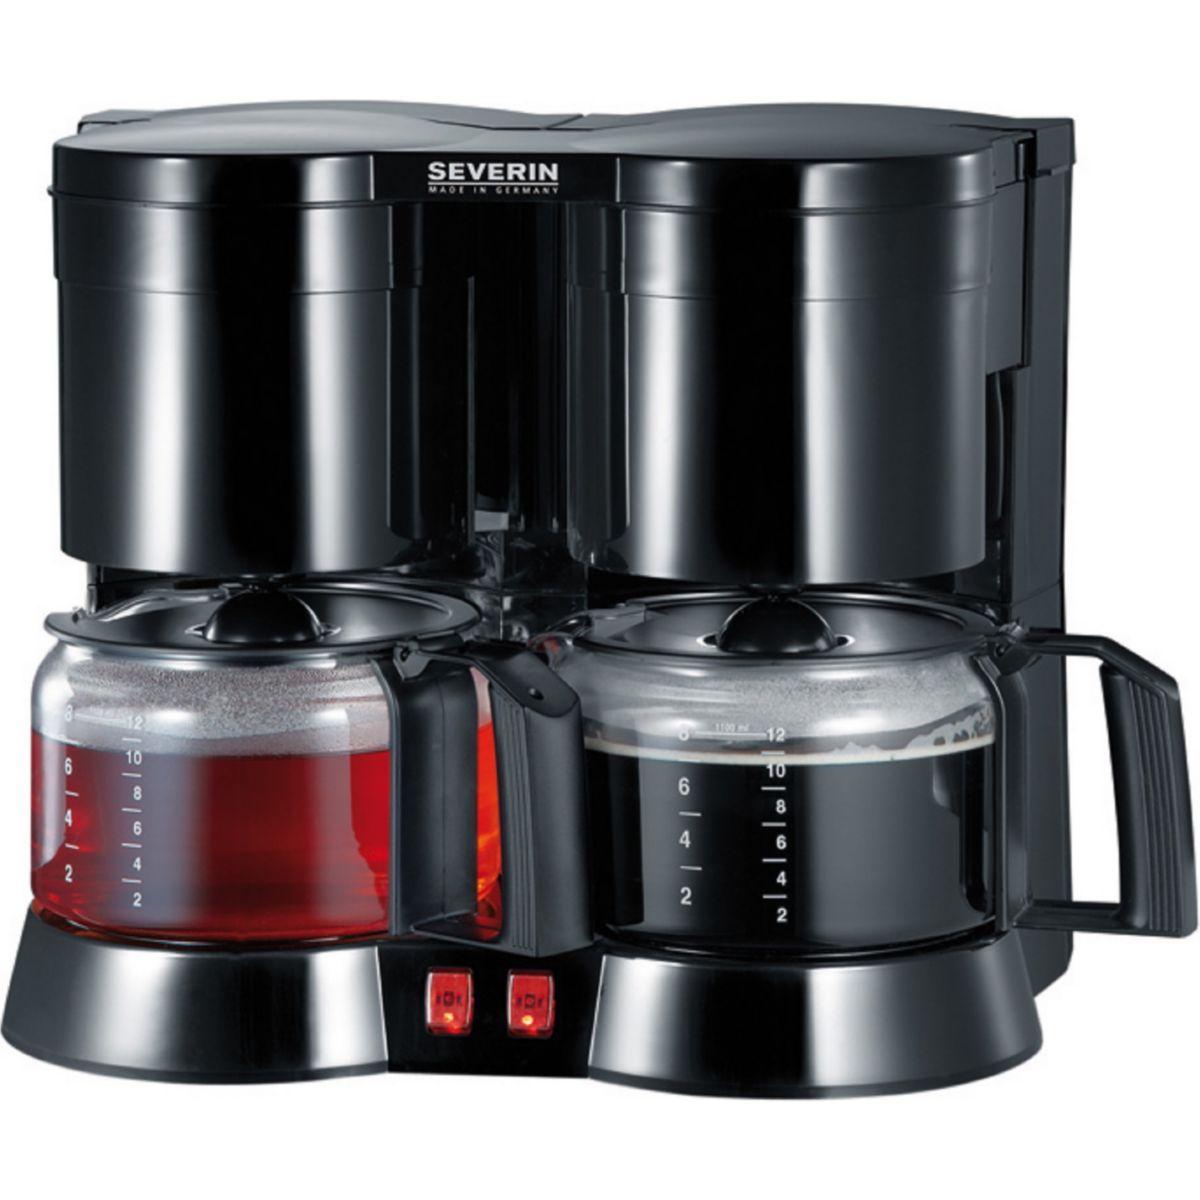 SEVERIN Severin Filterkaffeemaschine Duo-Kaffeeautomat KA 5802, 1,2l Kaffeekanne, Papierfilter 1x4 jetztbilligerkaufen